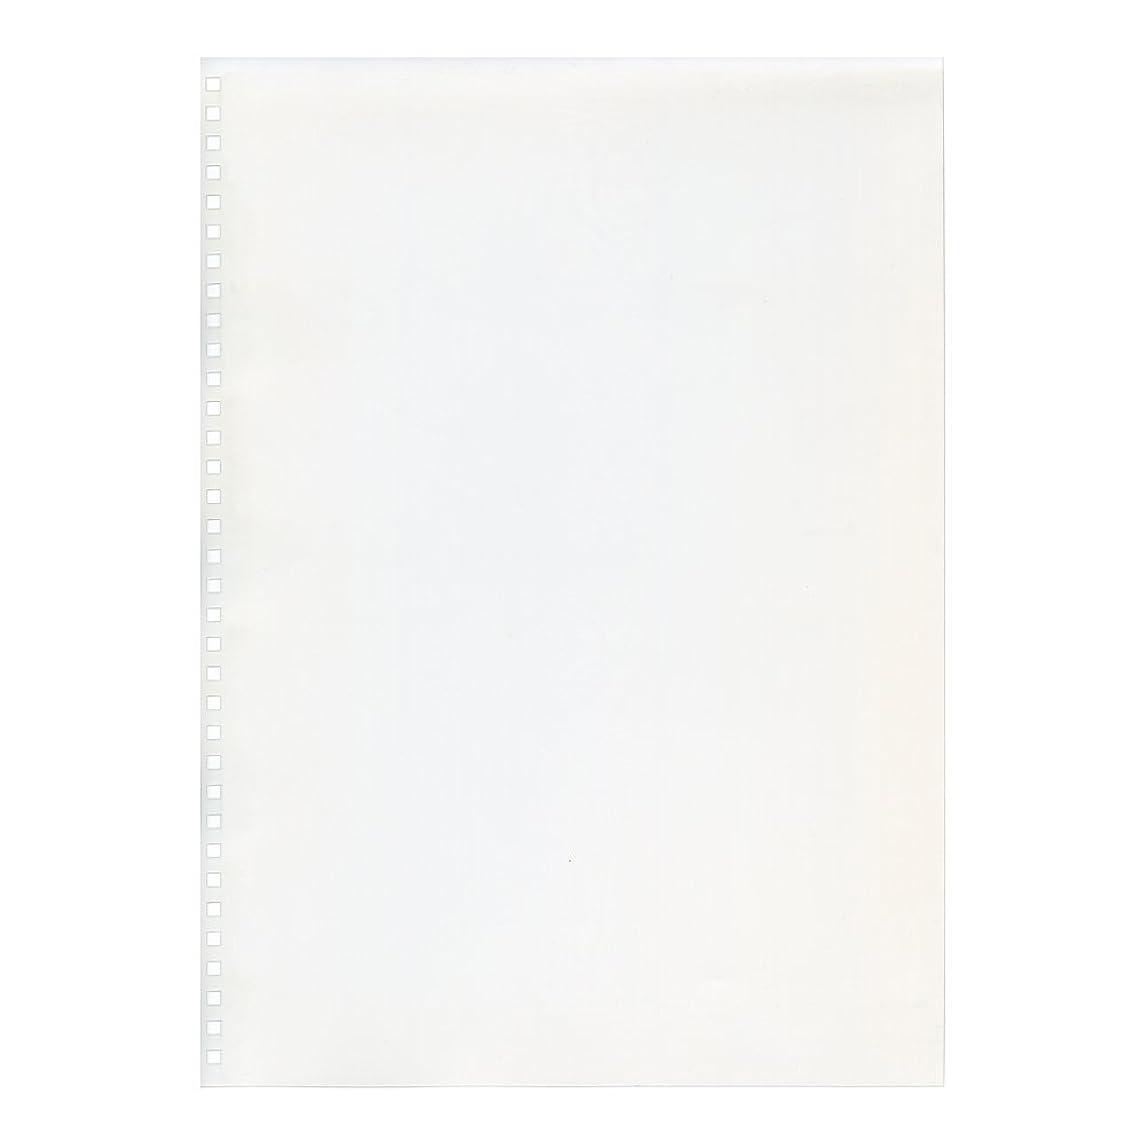 無意識糸知恵ニチバン 製本用カバー カバーフィルム ロール 350mm×1.5m CF-350R 透明